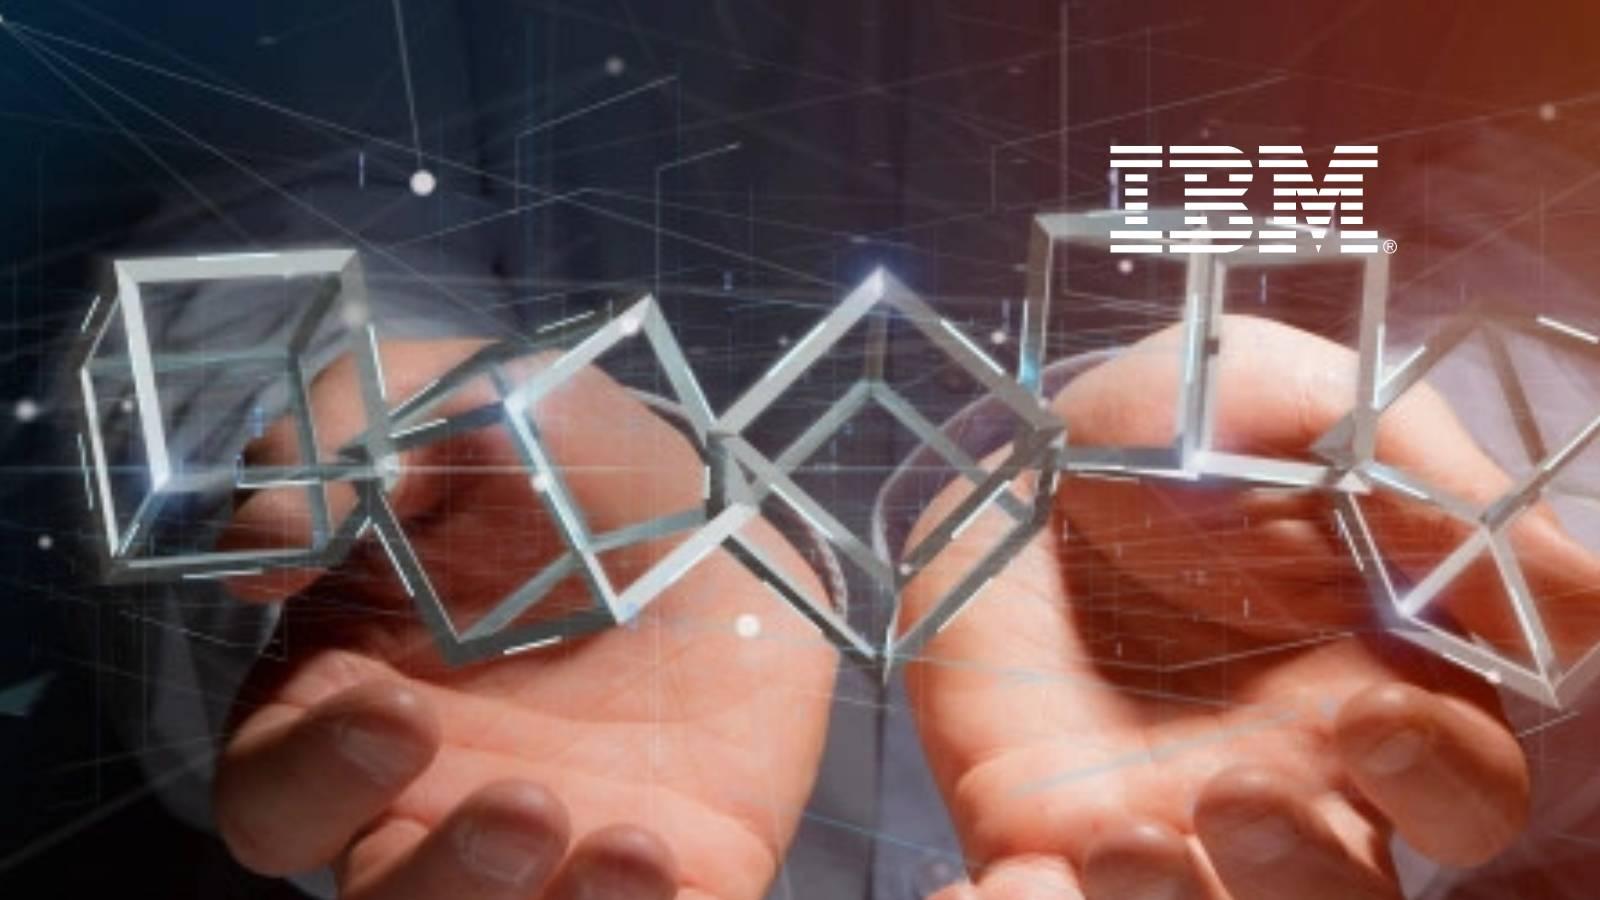 بنك تايلندي و IBM يعقدان شراكة لإطلاق اول سندات ادخار حكومية قائمة على البلوكشين